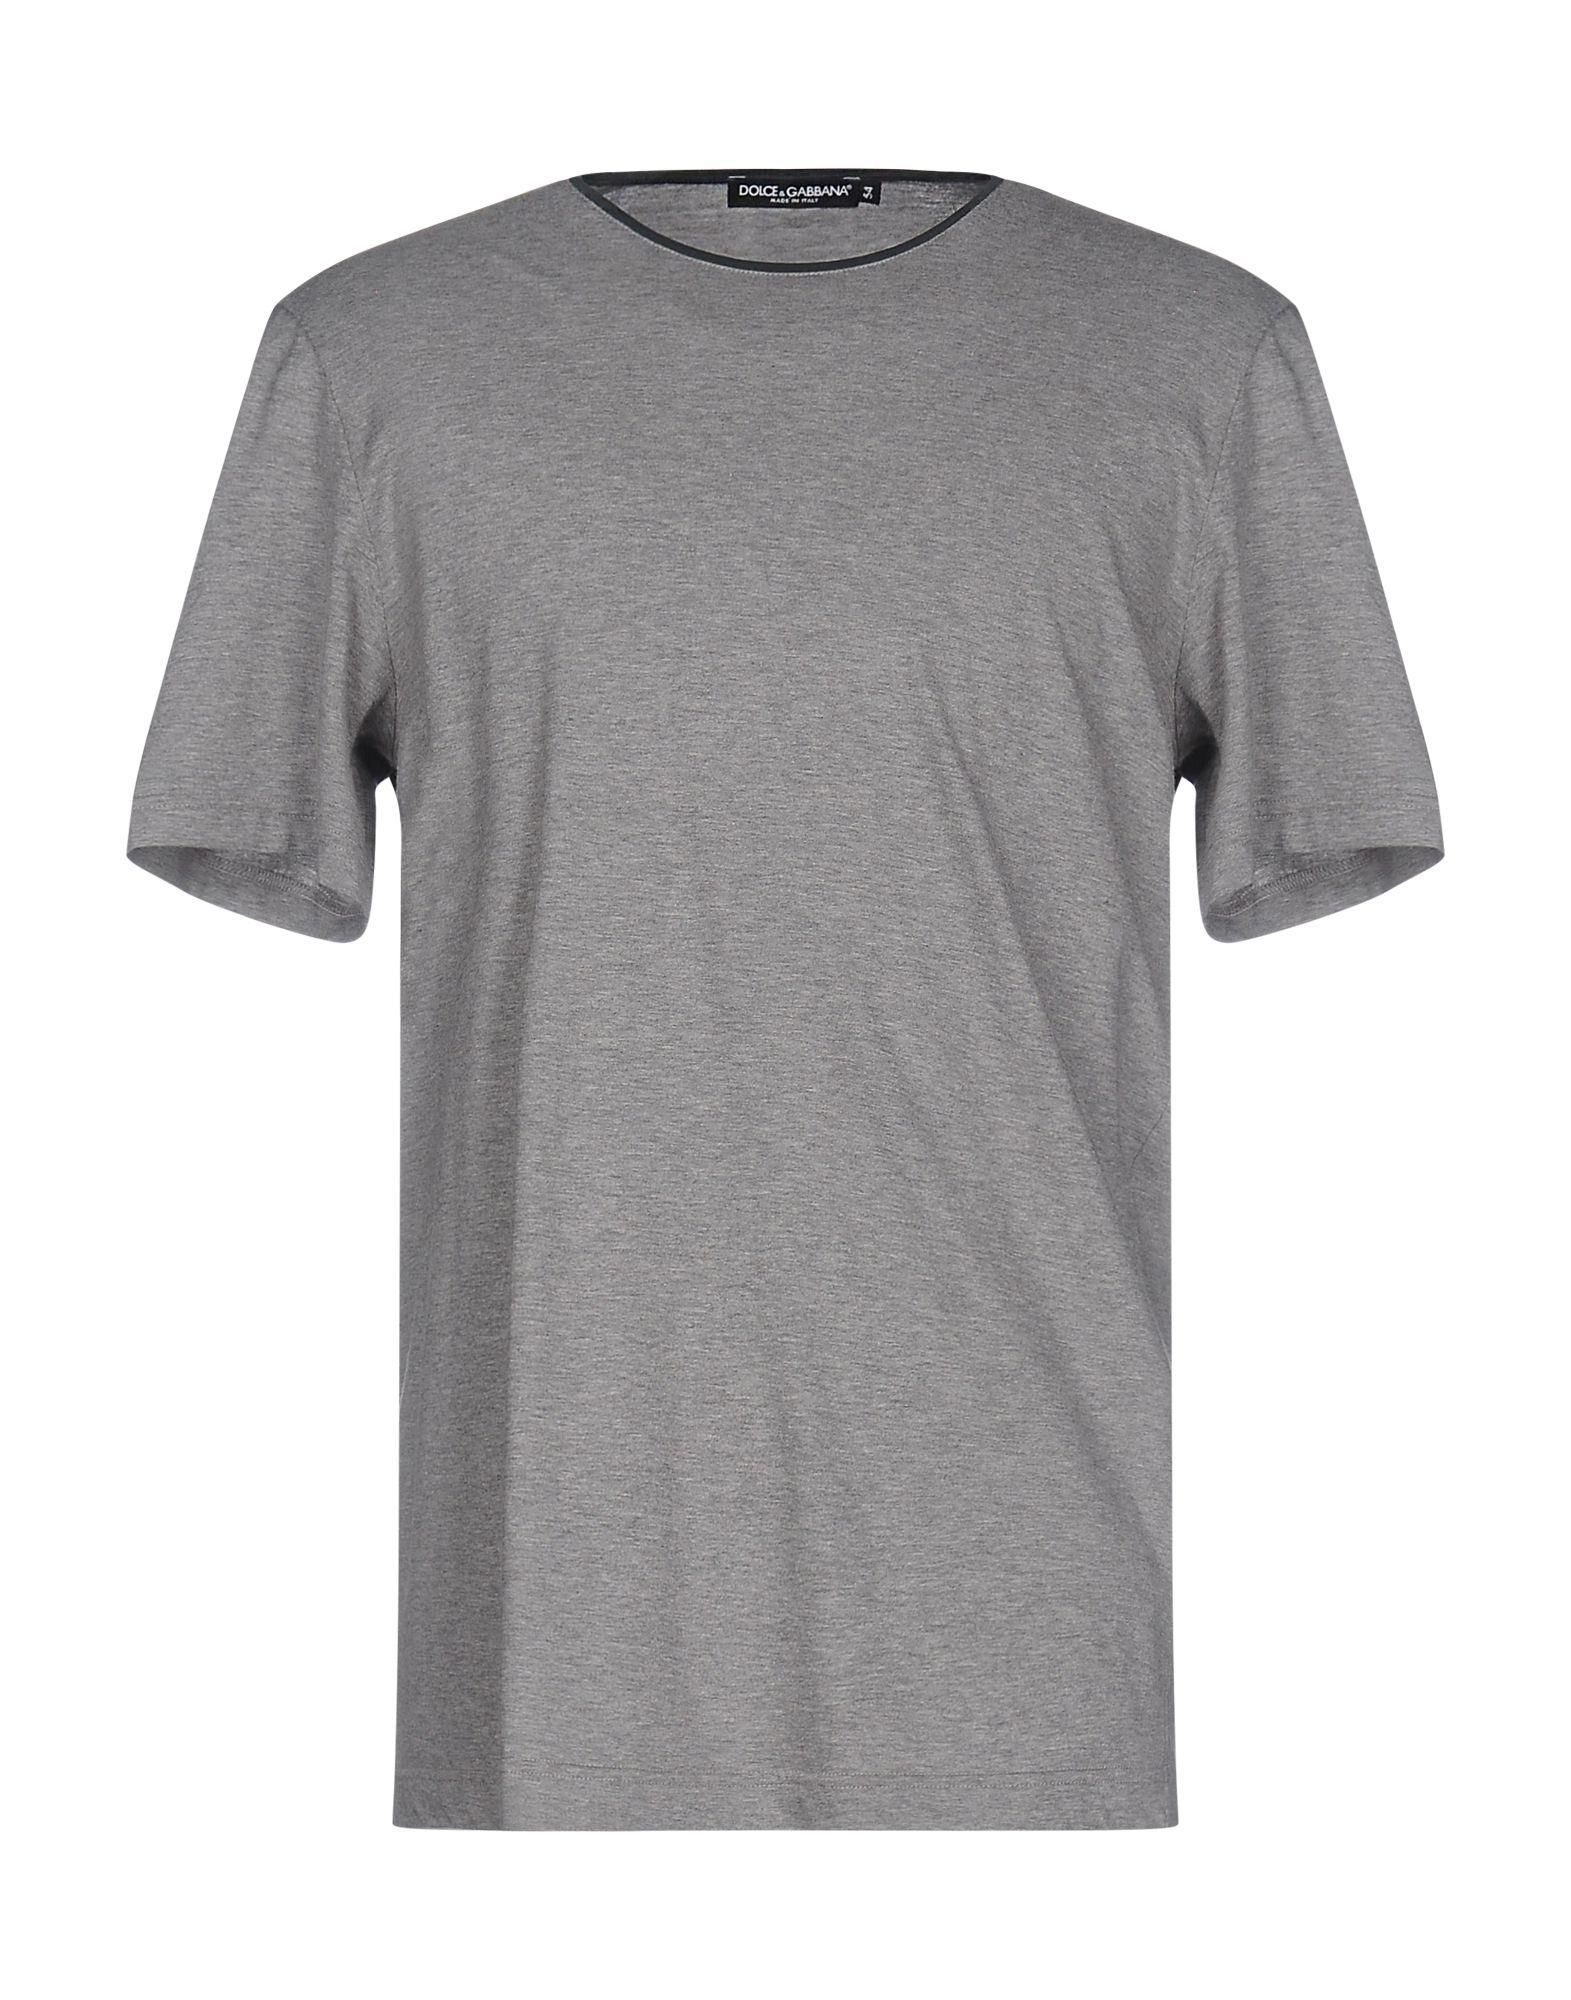 T-Shirt Dolce & Gabbana Uomo - 37979789FN 37979789FN - 407ccc